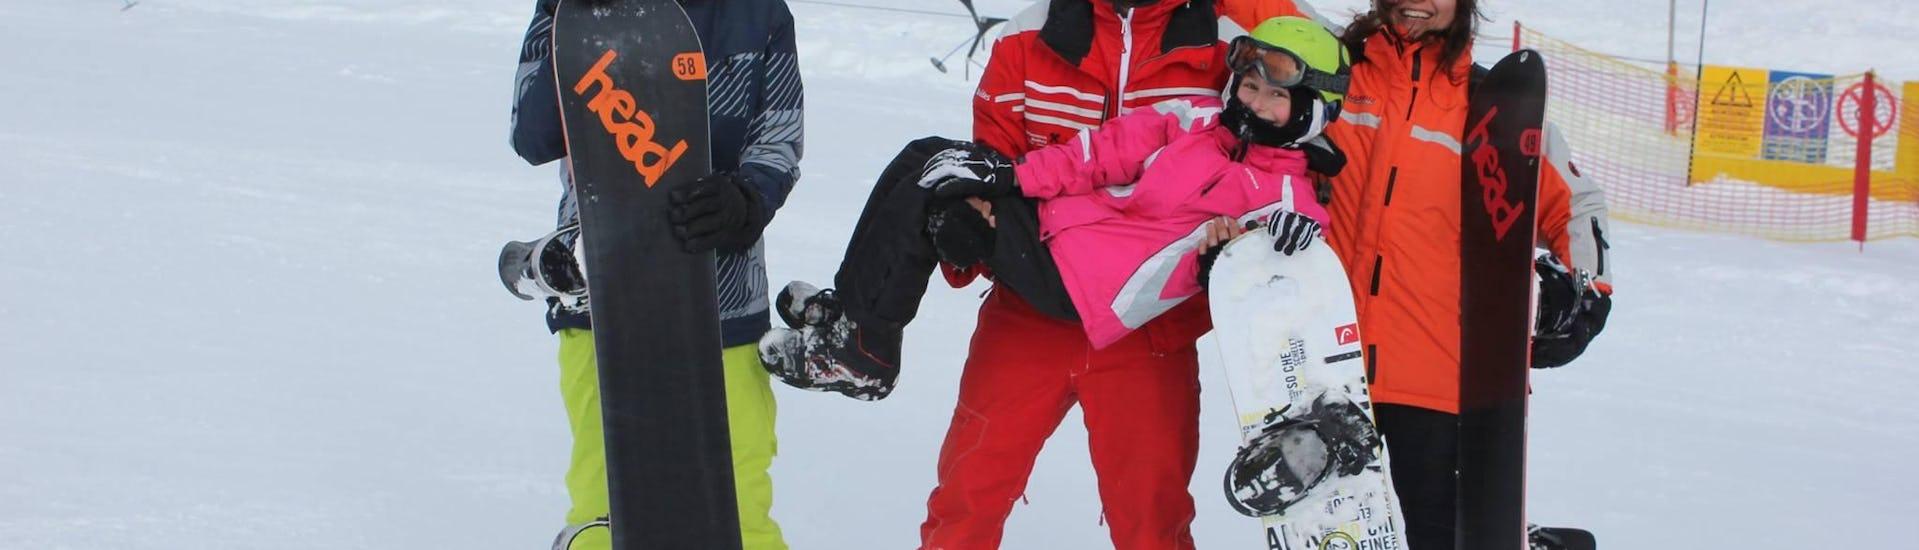 Snowboard Privatlehrer für Kinder & Erwachsene - Alle Levels